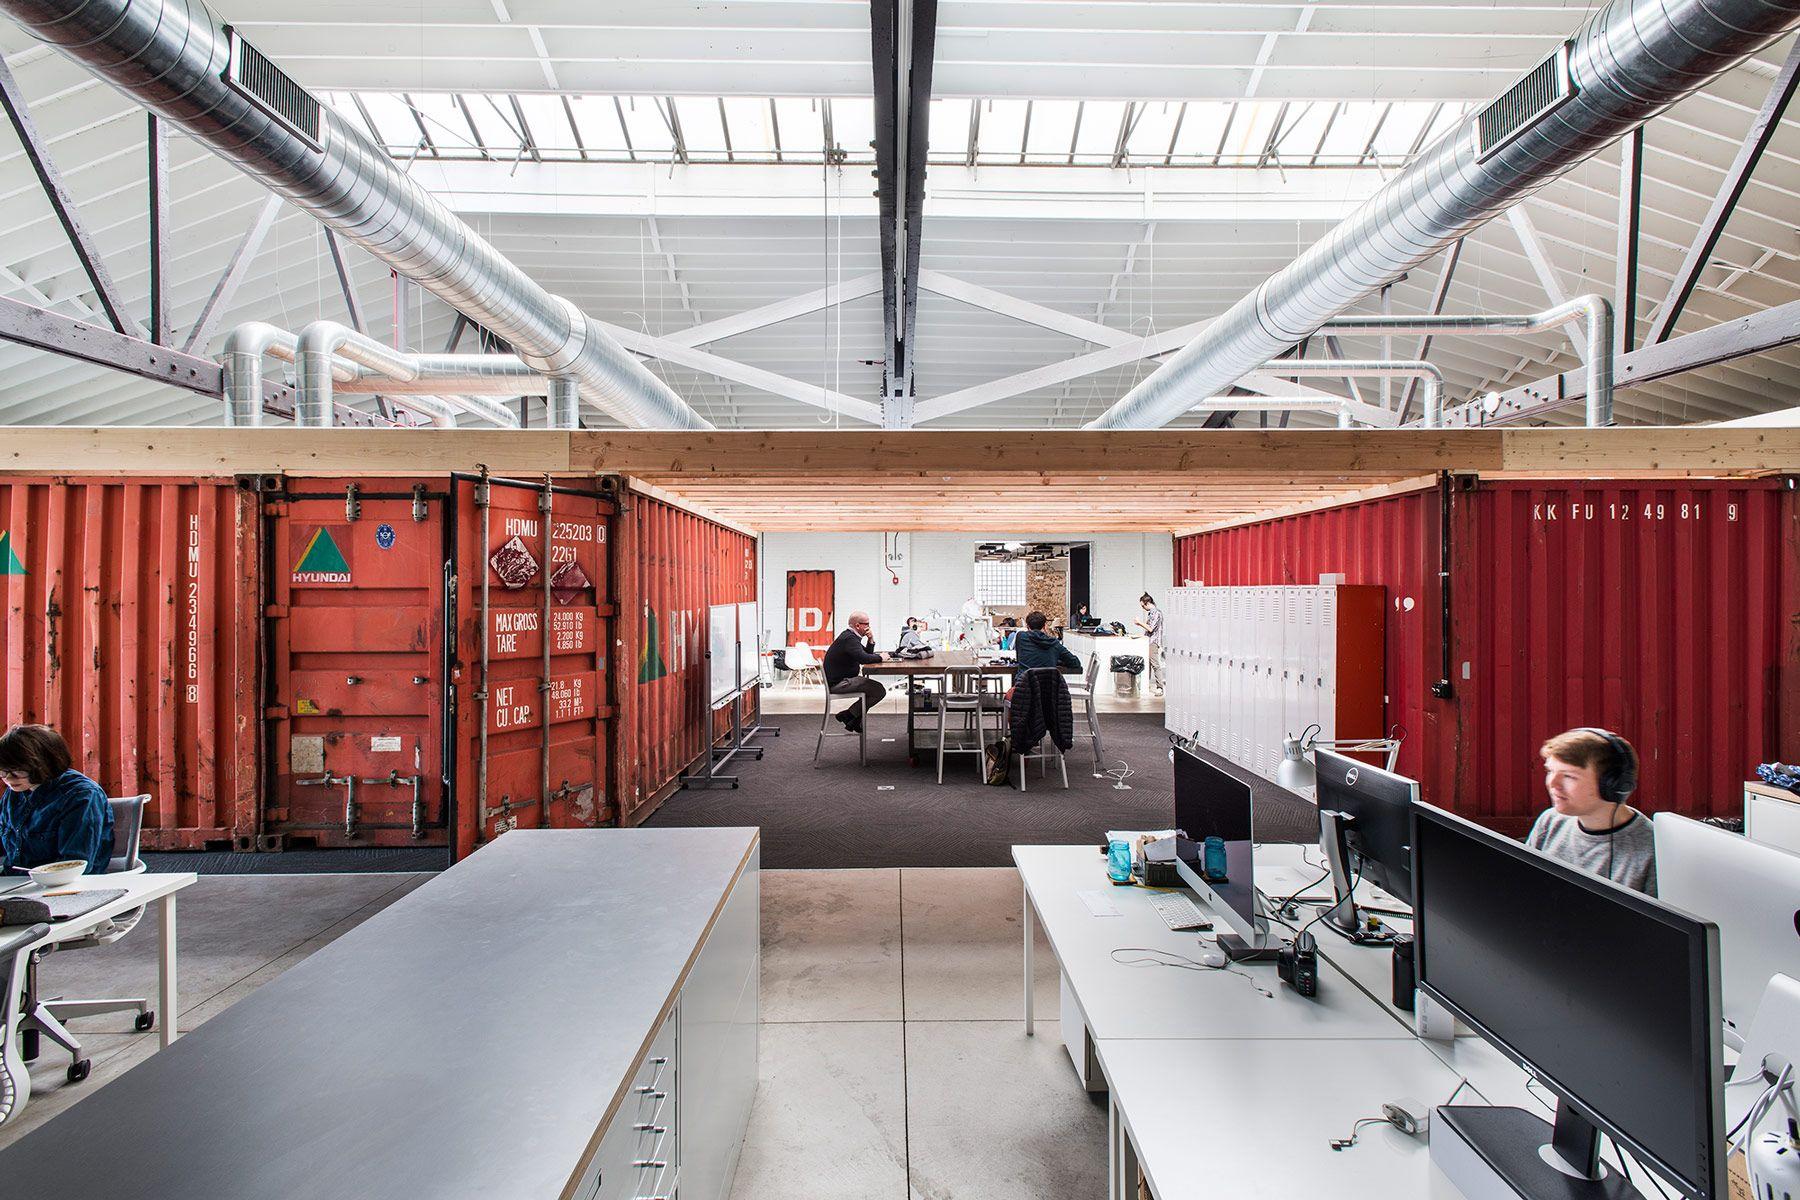 Del mar a la oficina: contenedores para oficinas